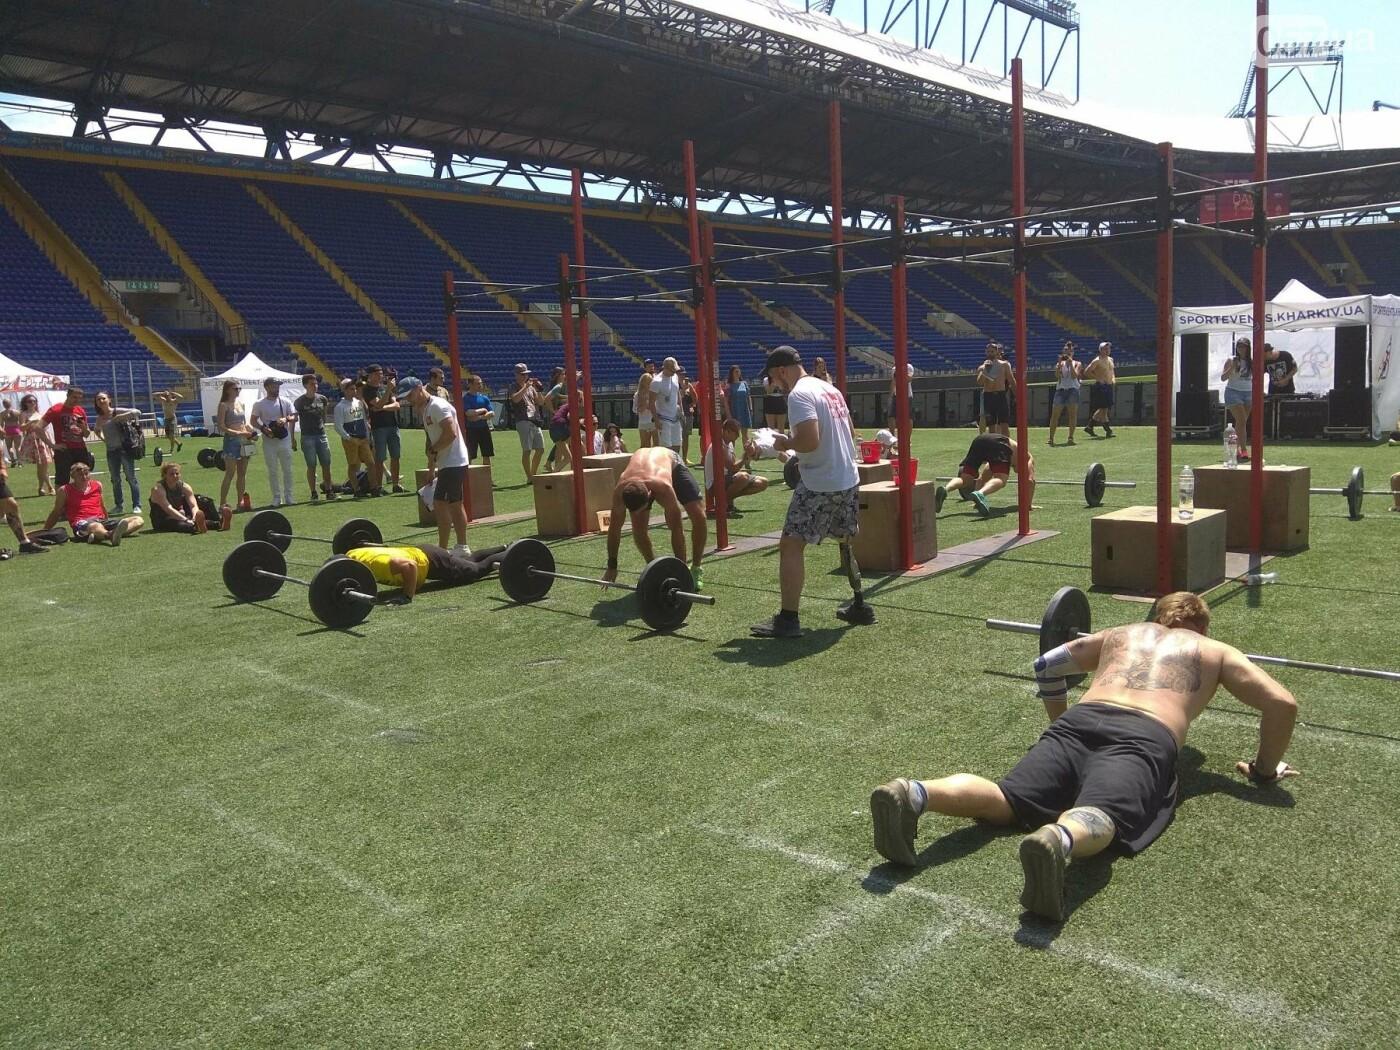 Фитнес и силовые упражнения. Как в Харькове проходят соревнования по кроссфиту, - ФОТО, фото-5